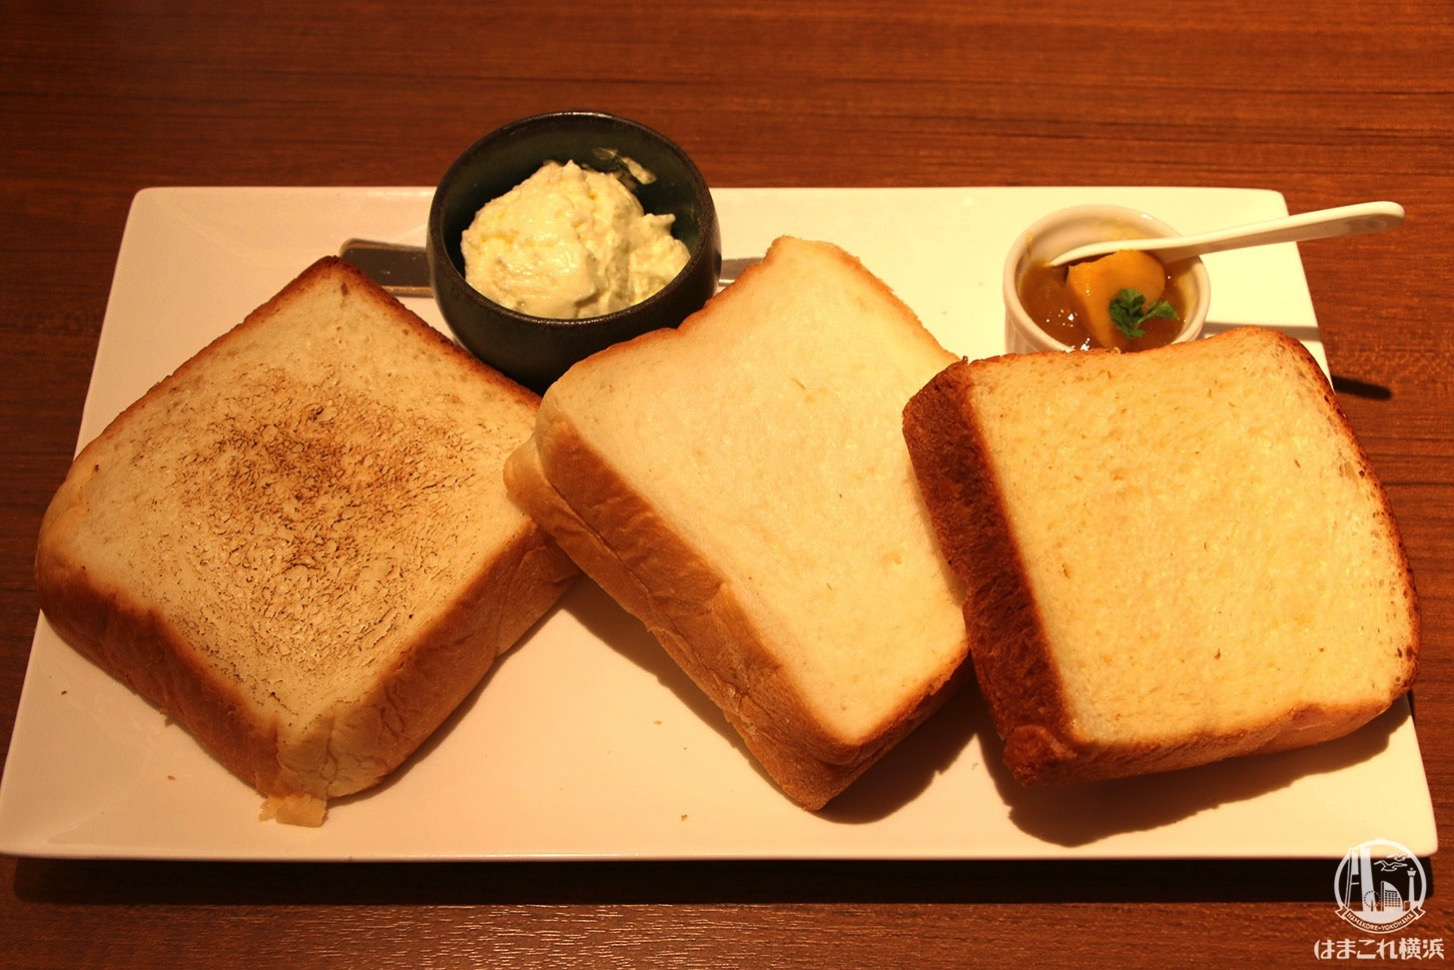 極上 鎌倉生食パン 3食食べ比べセット